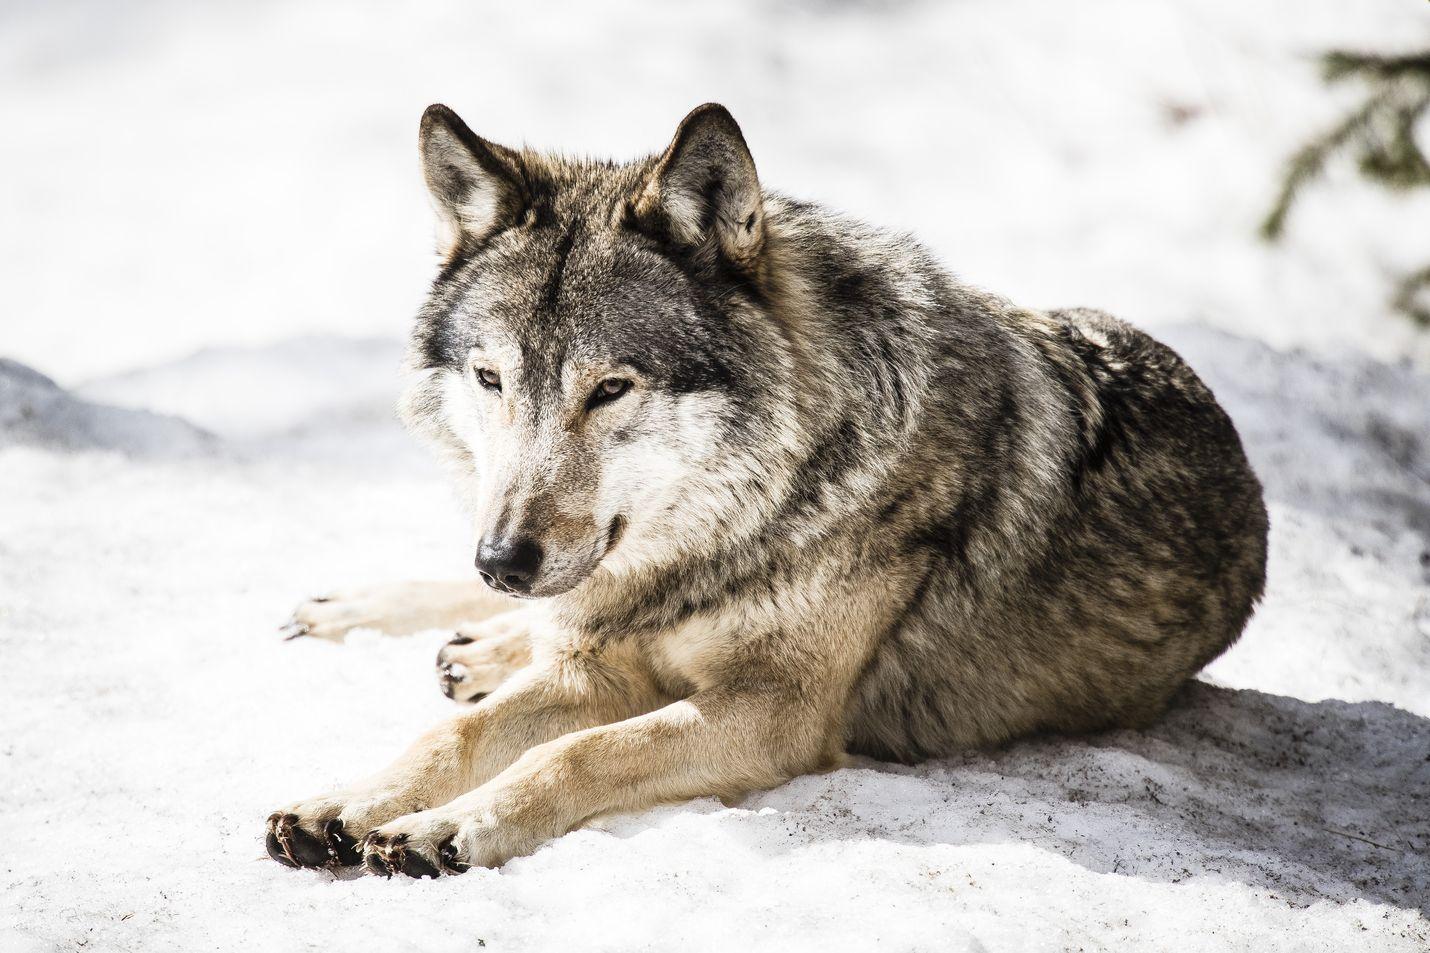 Susi herätti taas odotetusti kiivasta keskustelua eduskunnassa. Nyt kyseessä oli muun muassa kannanhoidollista metsästystä vaativa kansalaisaloite. Tämä susi on kuvattu Ranuan eläinpuistossa.